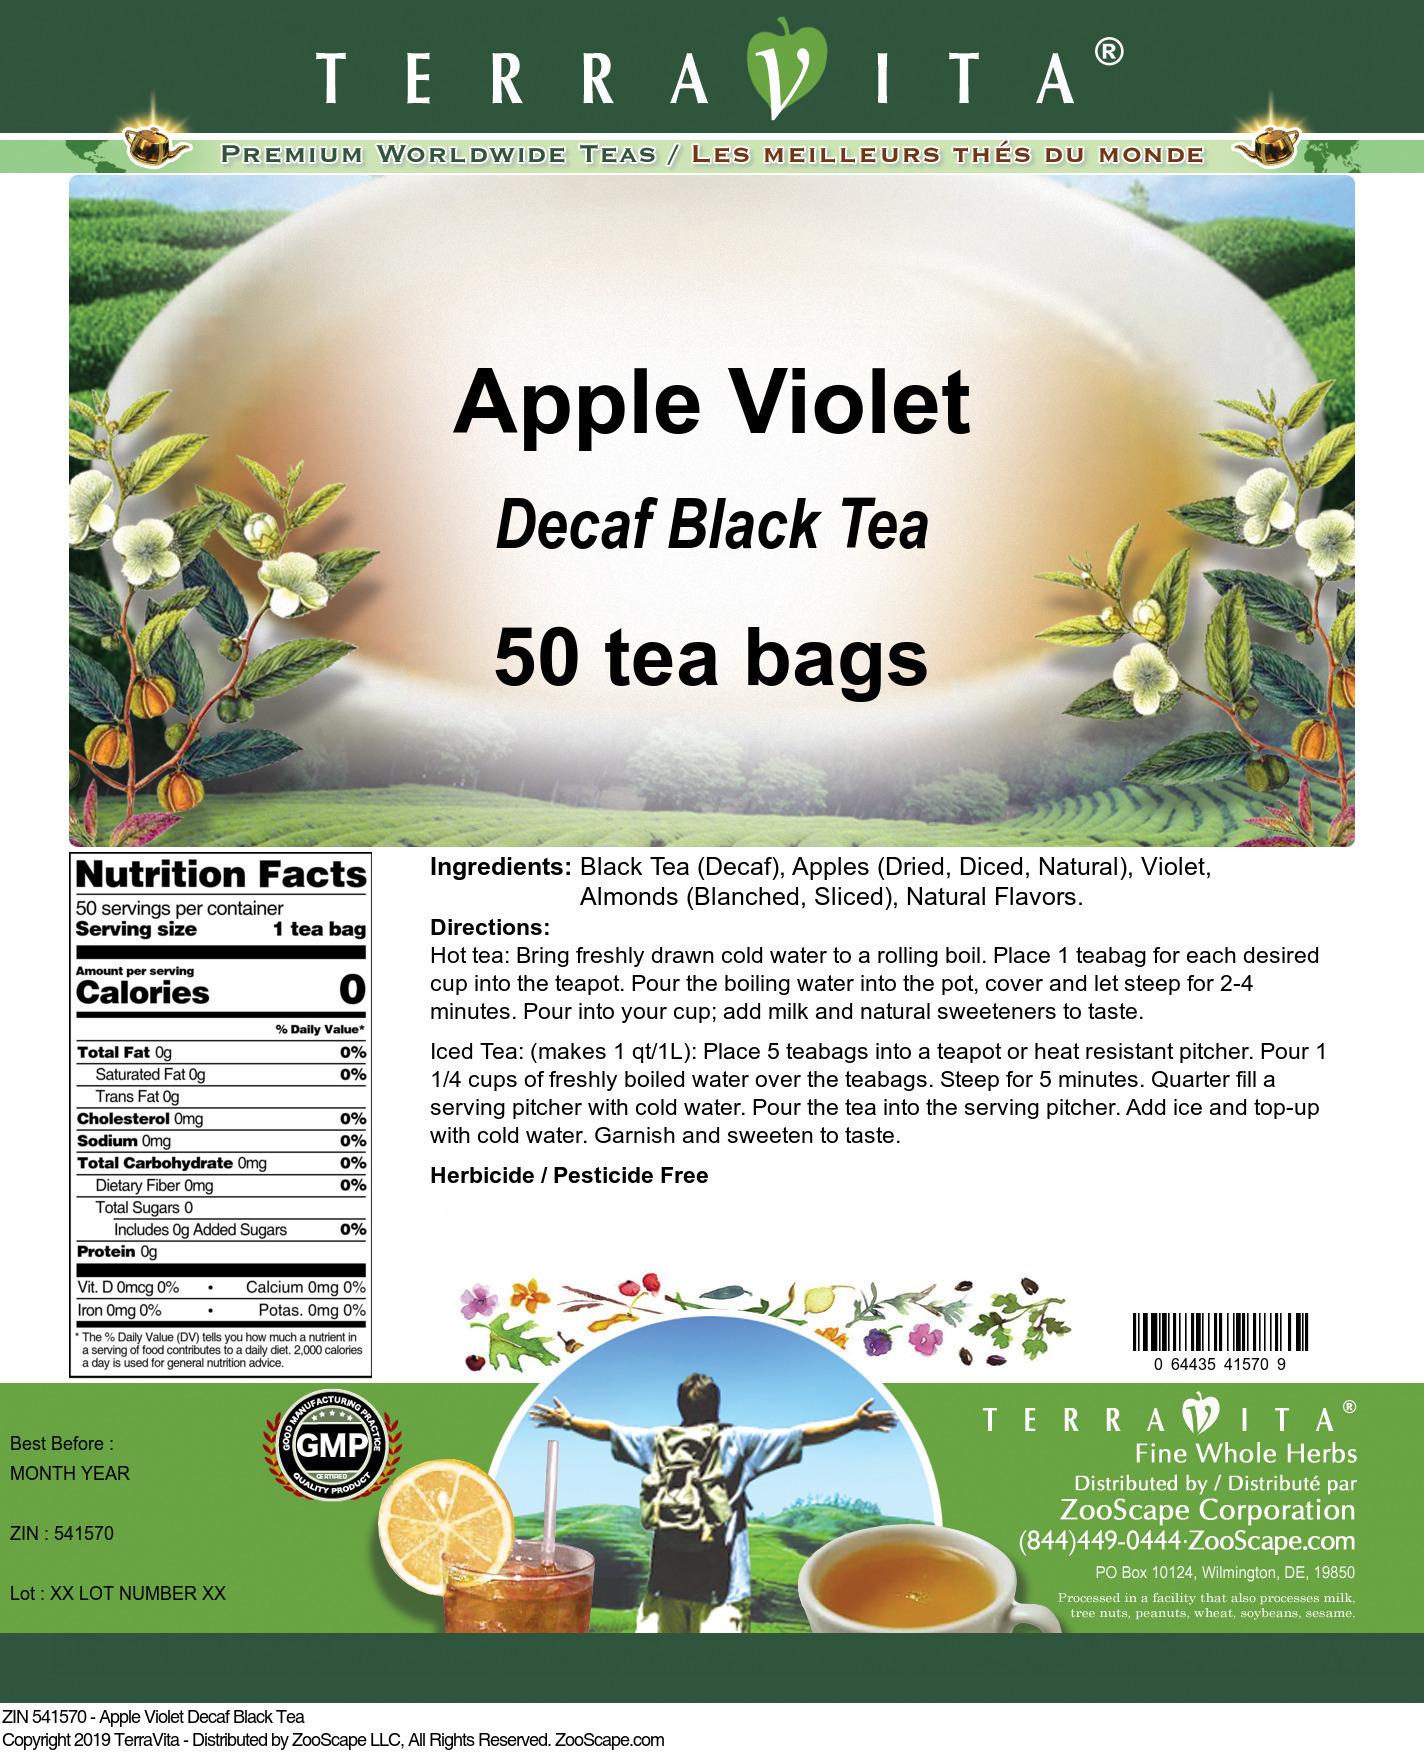 Apple Violet Decaf Black Tea